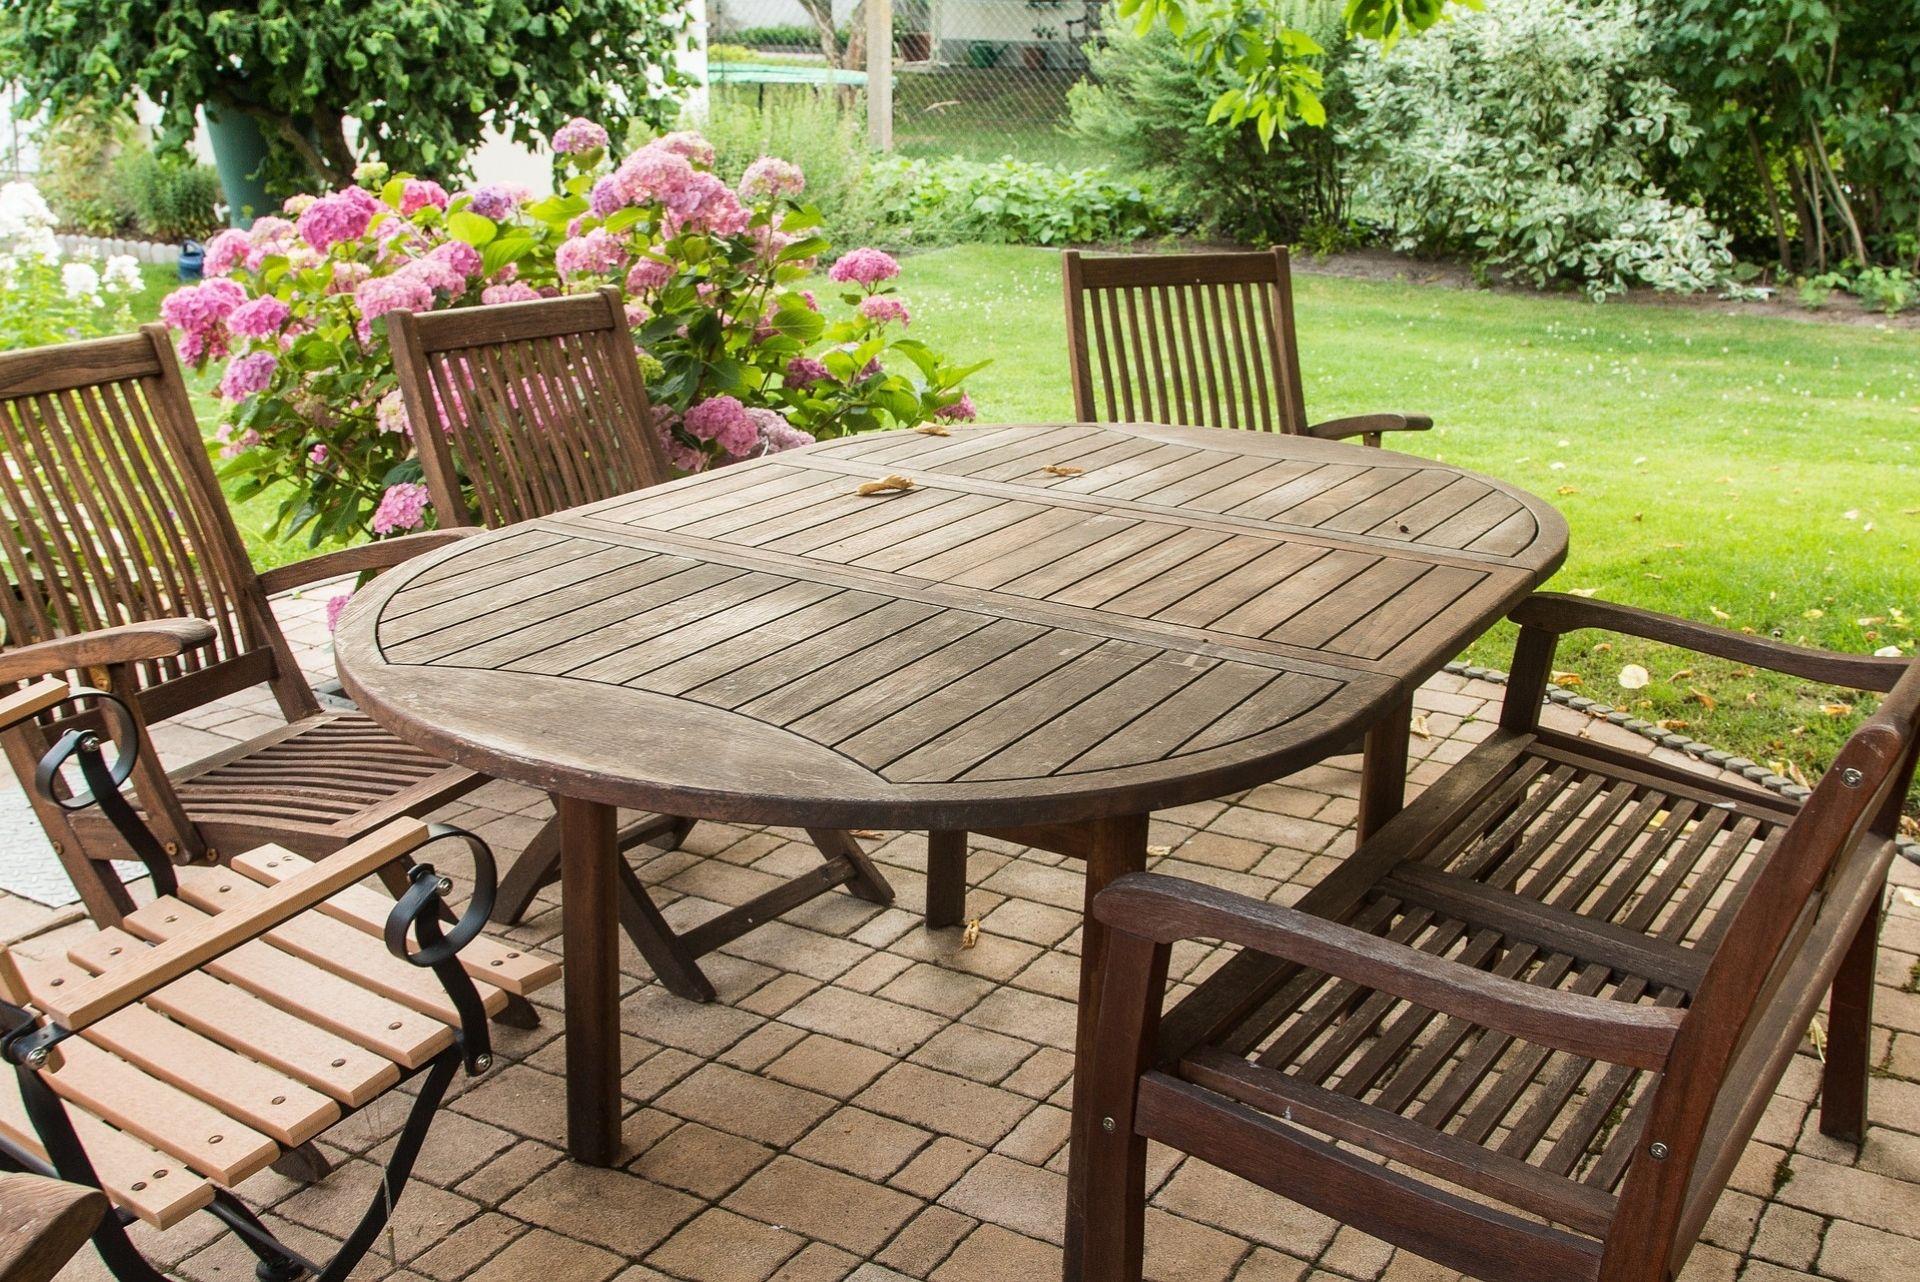 Mobilier de jardin : préparez-vous pour l'été !